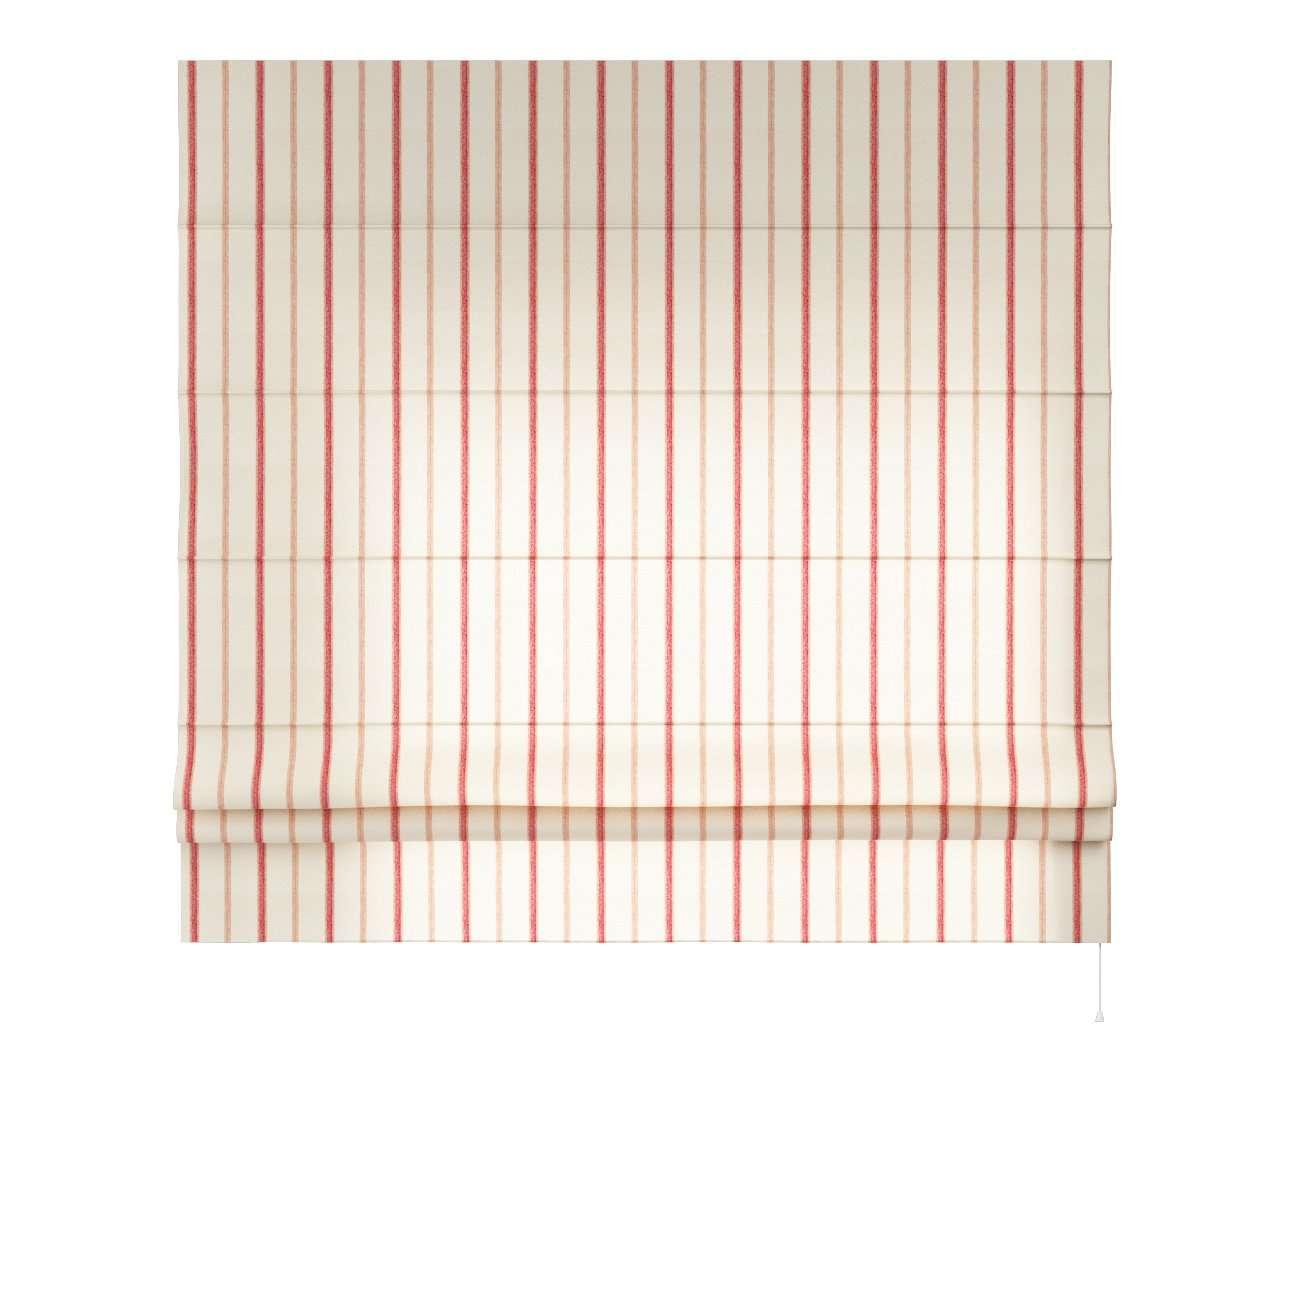 Romanetės Padva 80 x 170 cm (plotis x ilgis) kolekcijoje Avinon, audinys: 129-15